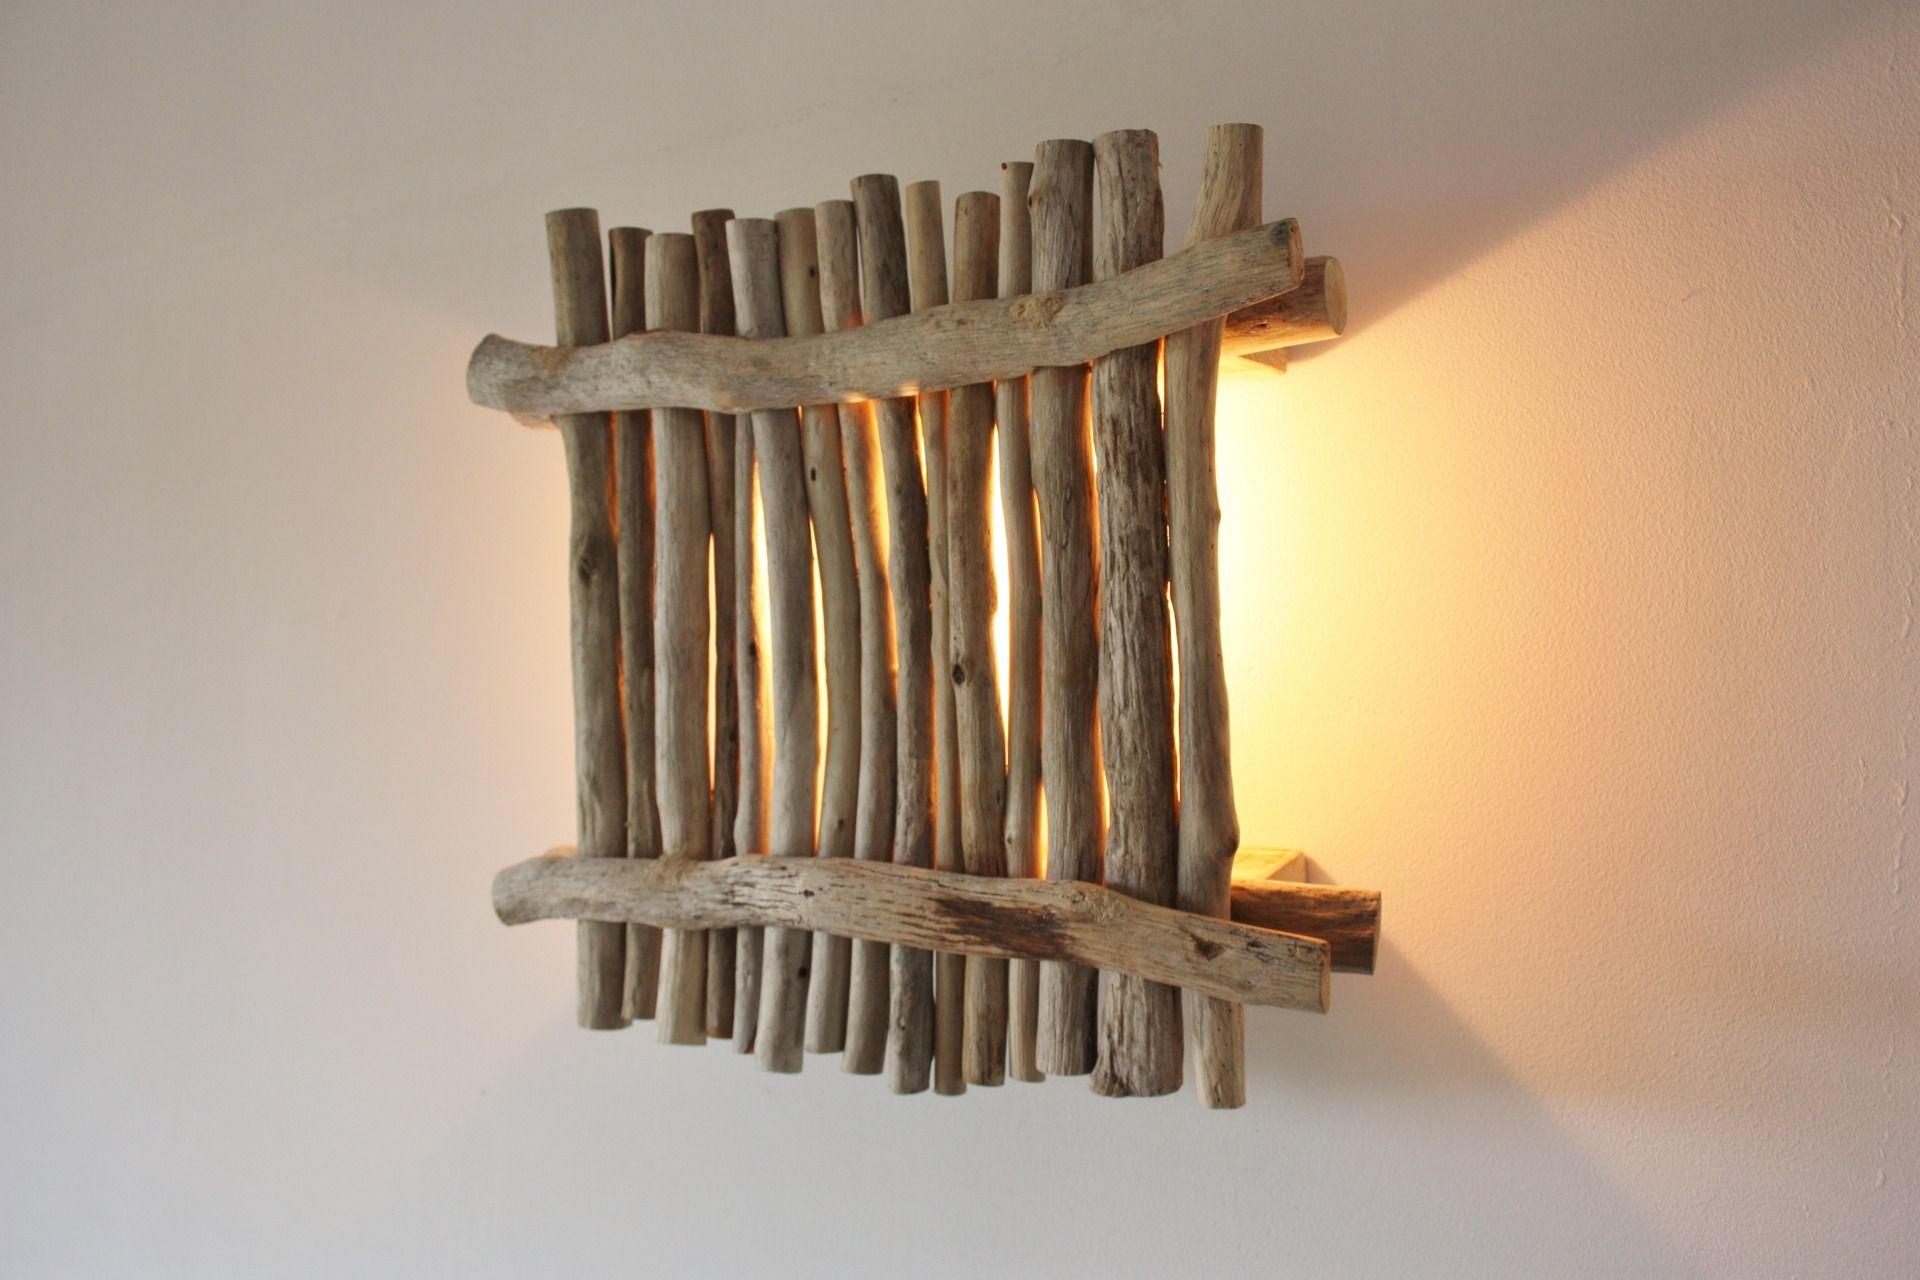 Applique bois flotté 100% récup : luminaires par latitude42 02